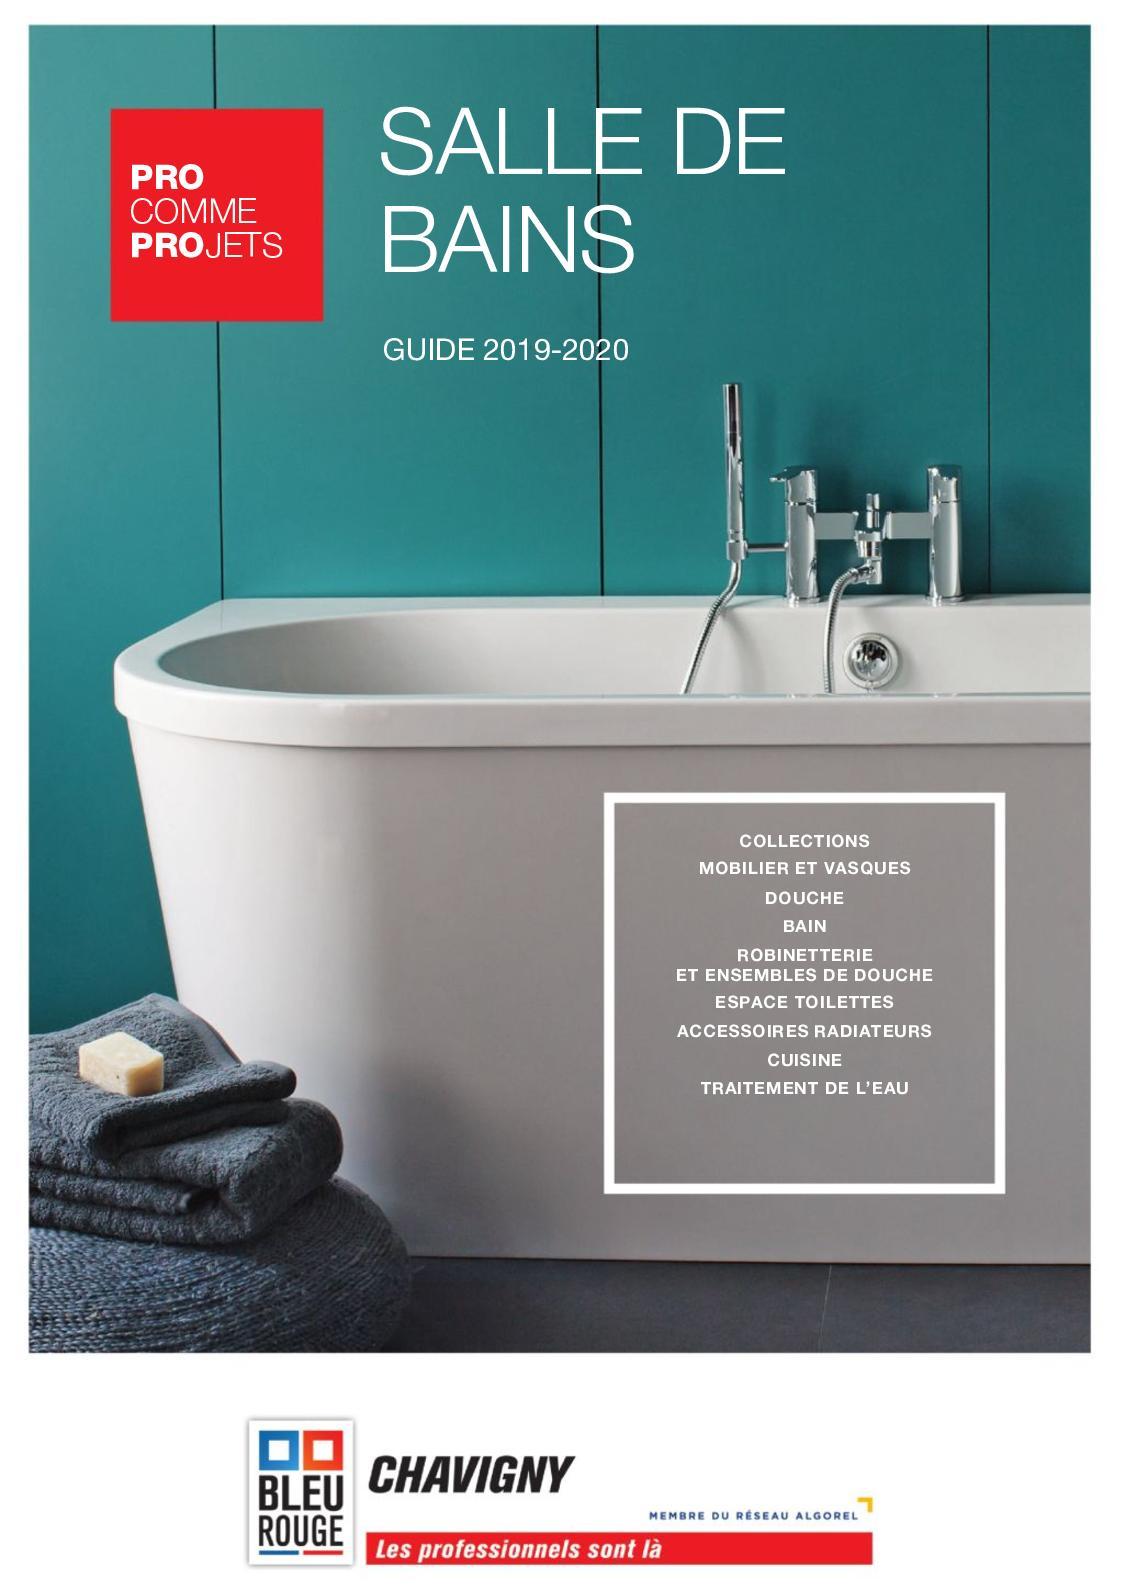 Salon Jardin Rond Best Of Calaméo Catalogue Salle De Bain 2019 2020 Of 39 Beau Salon Jardin Rond